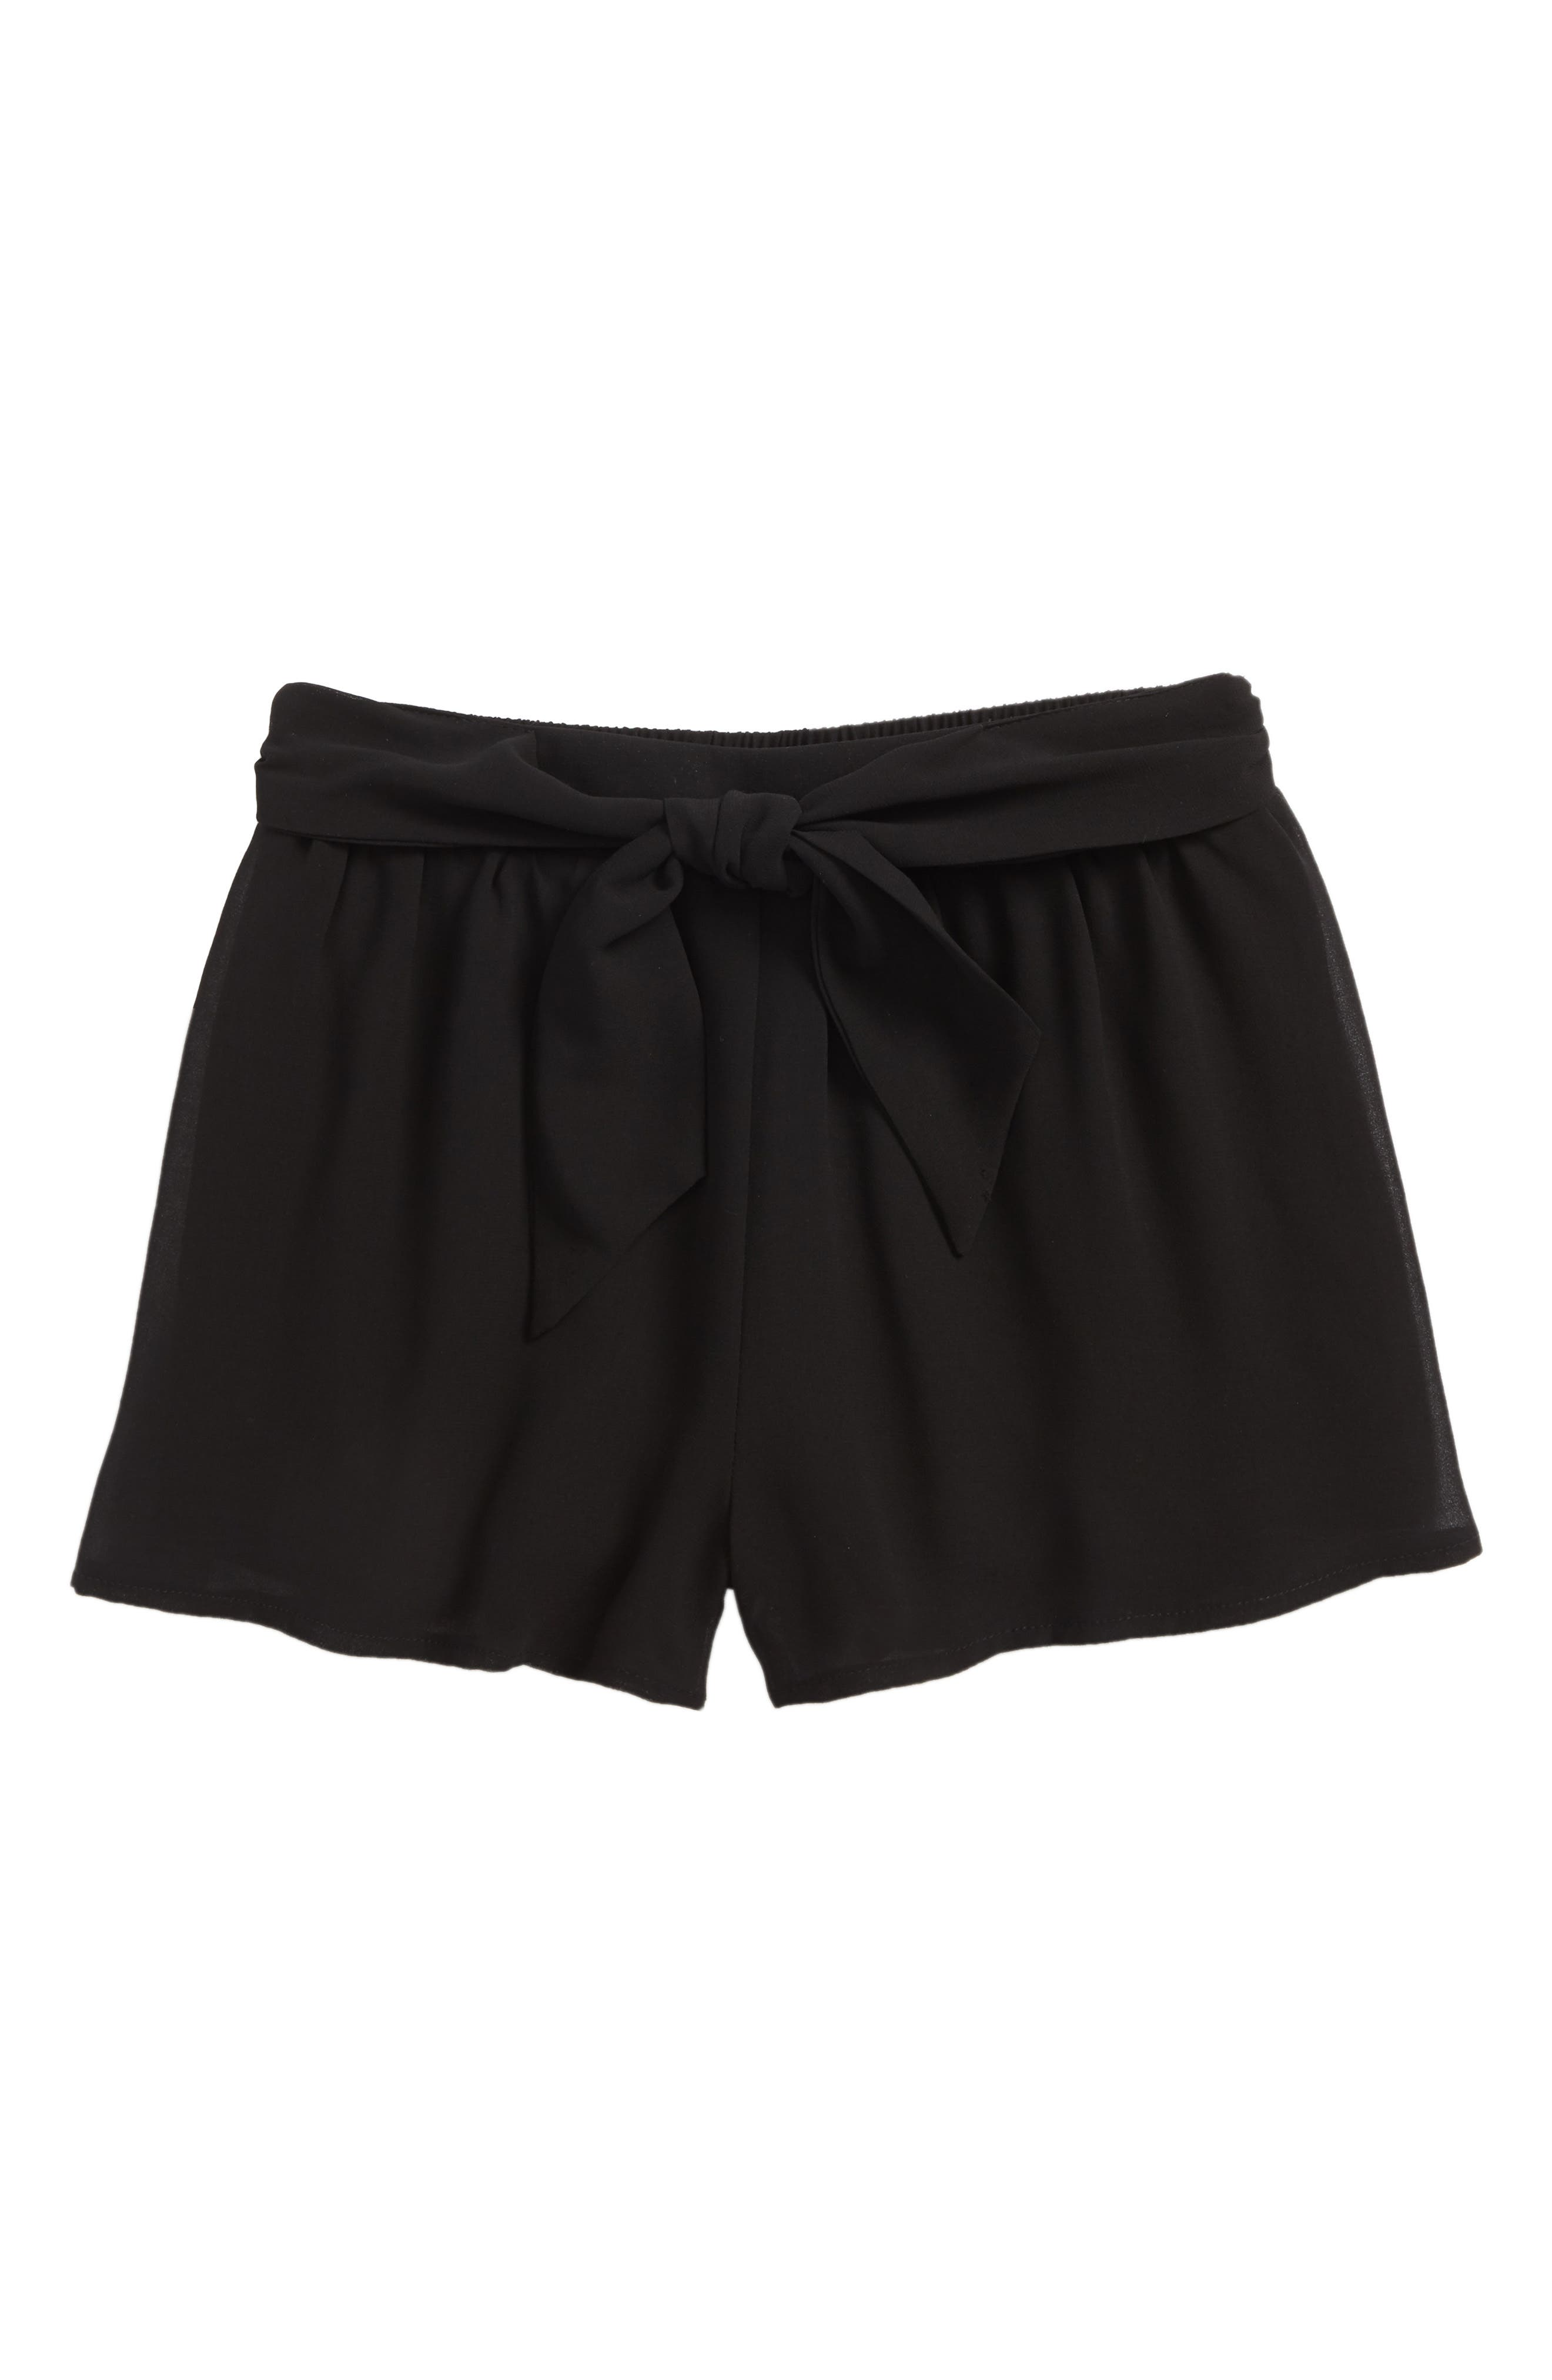 Bridget Shorts,                         Main,                         color, Black